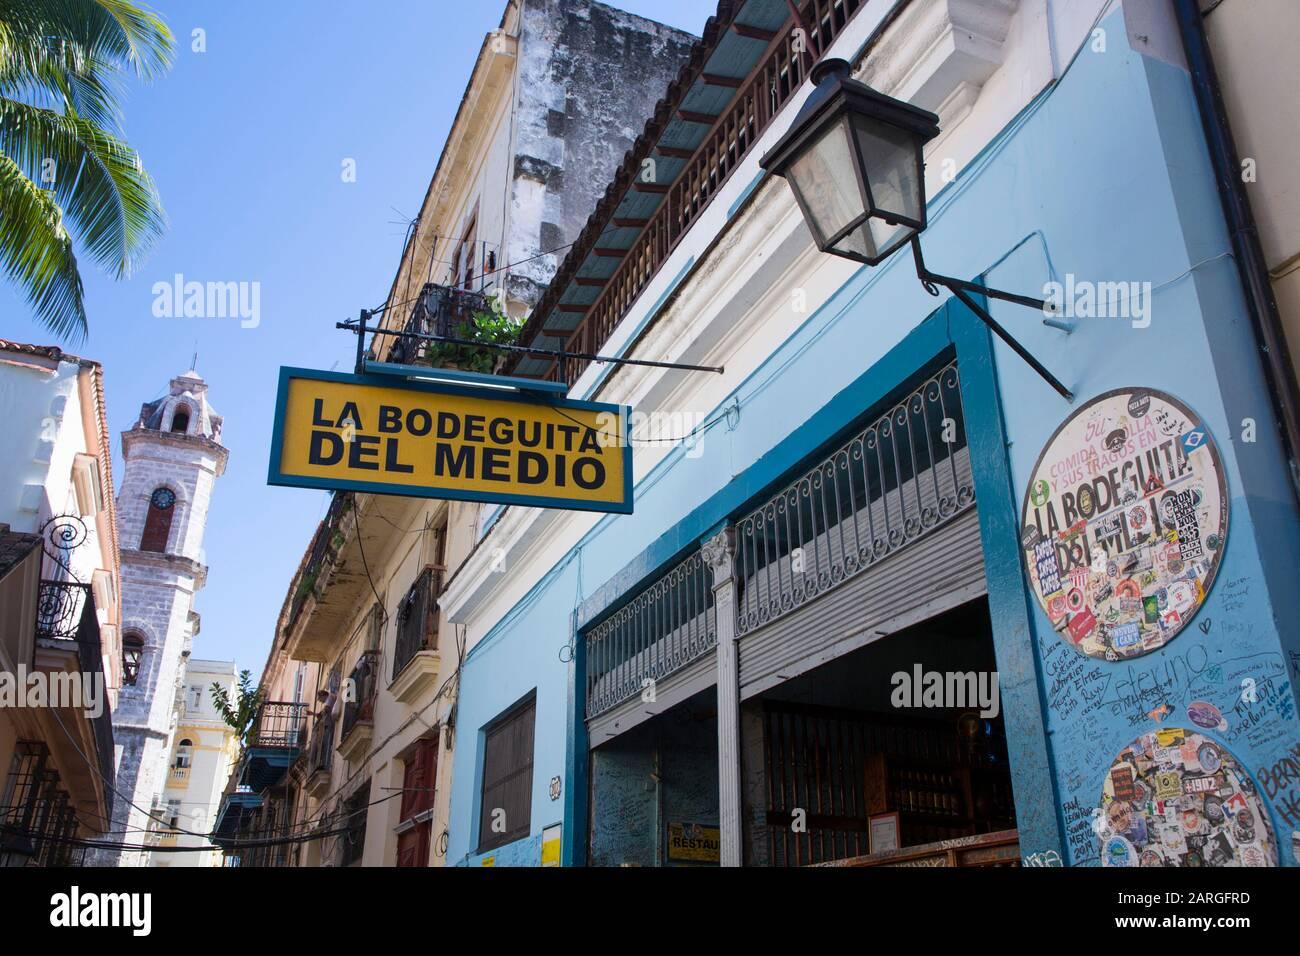 Sign, La Bodeguita Del Medio Restuarant And Bar, Vieille Ville, Site Classé Au Patrimoine Mondial De L'Unesco, La Havane, Cuba, Antilles, Amérique Centrale Banque D'Images